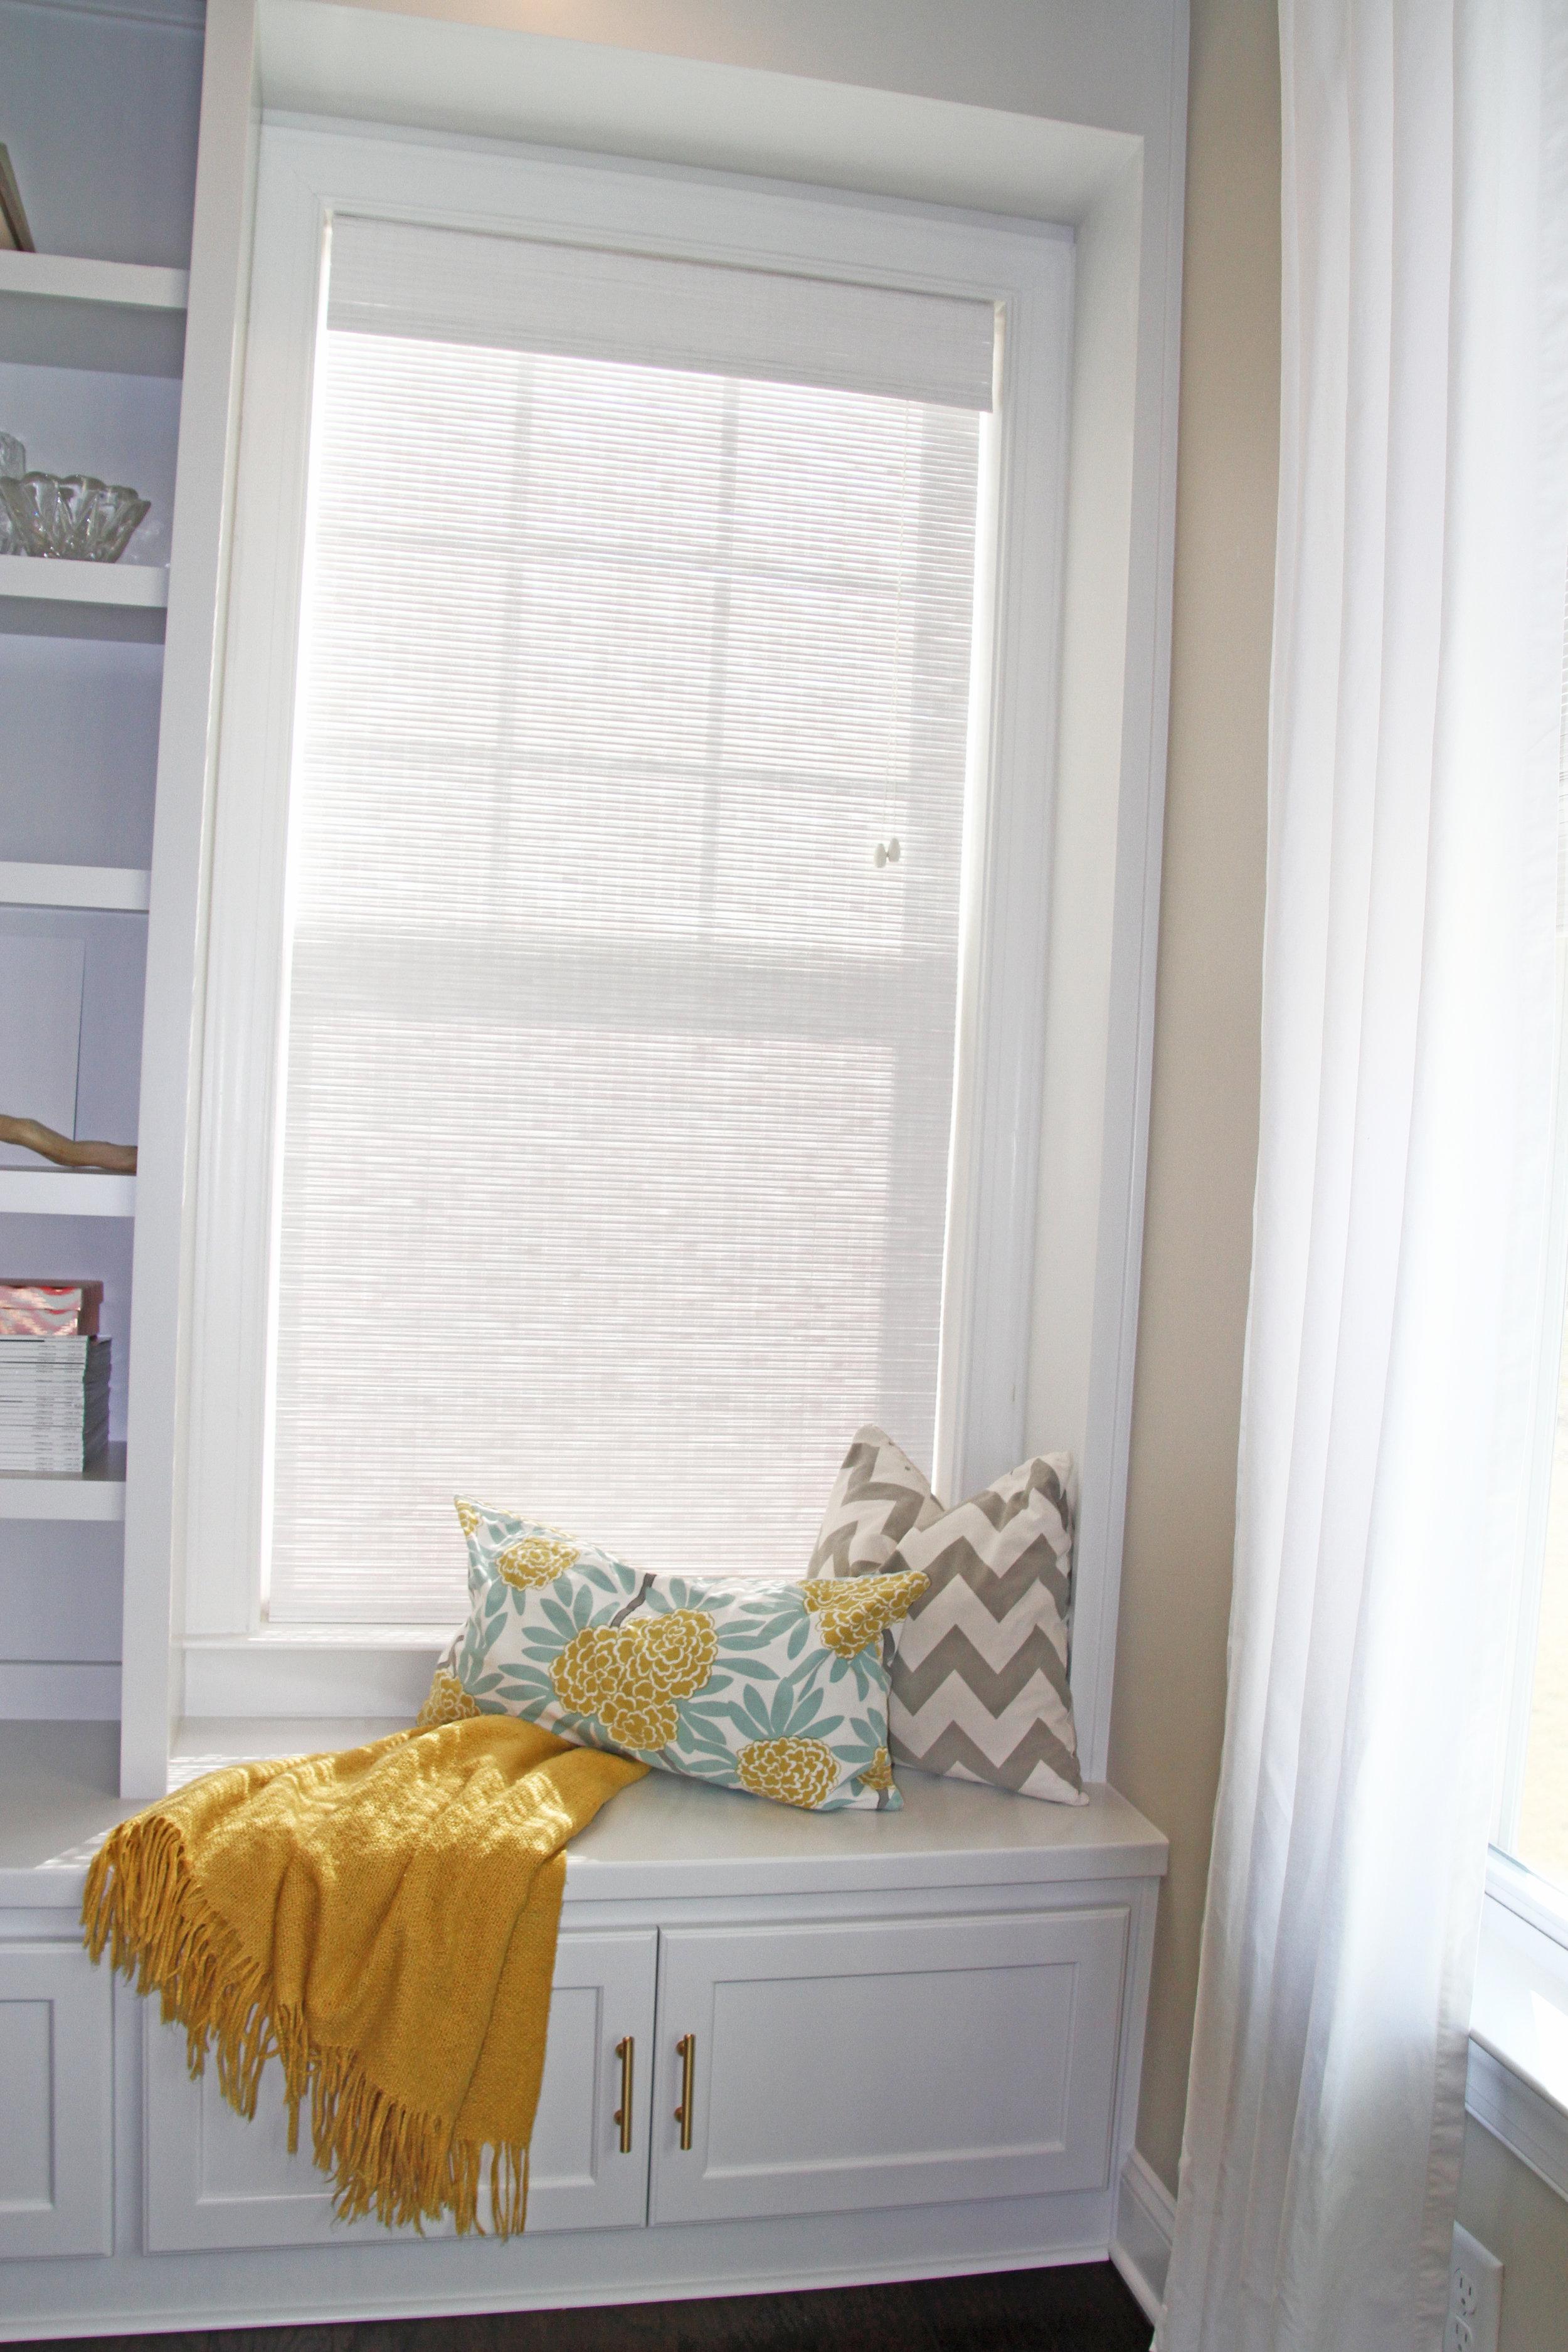 Built-In Window Seat with Shaker Doors